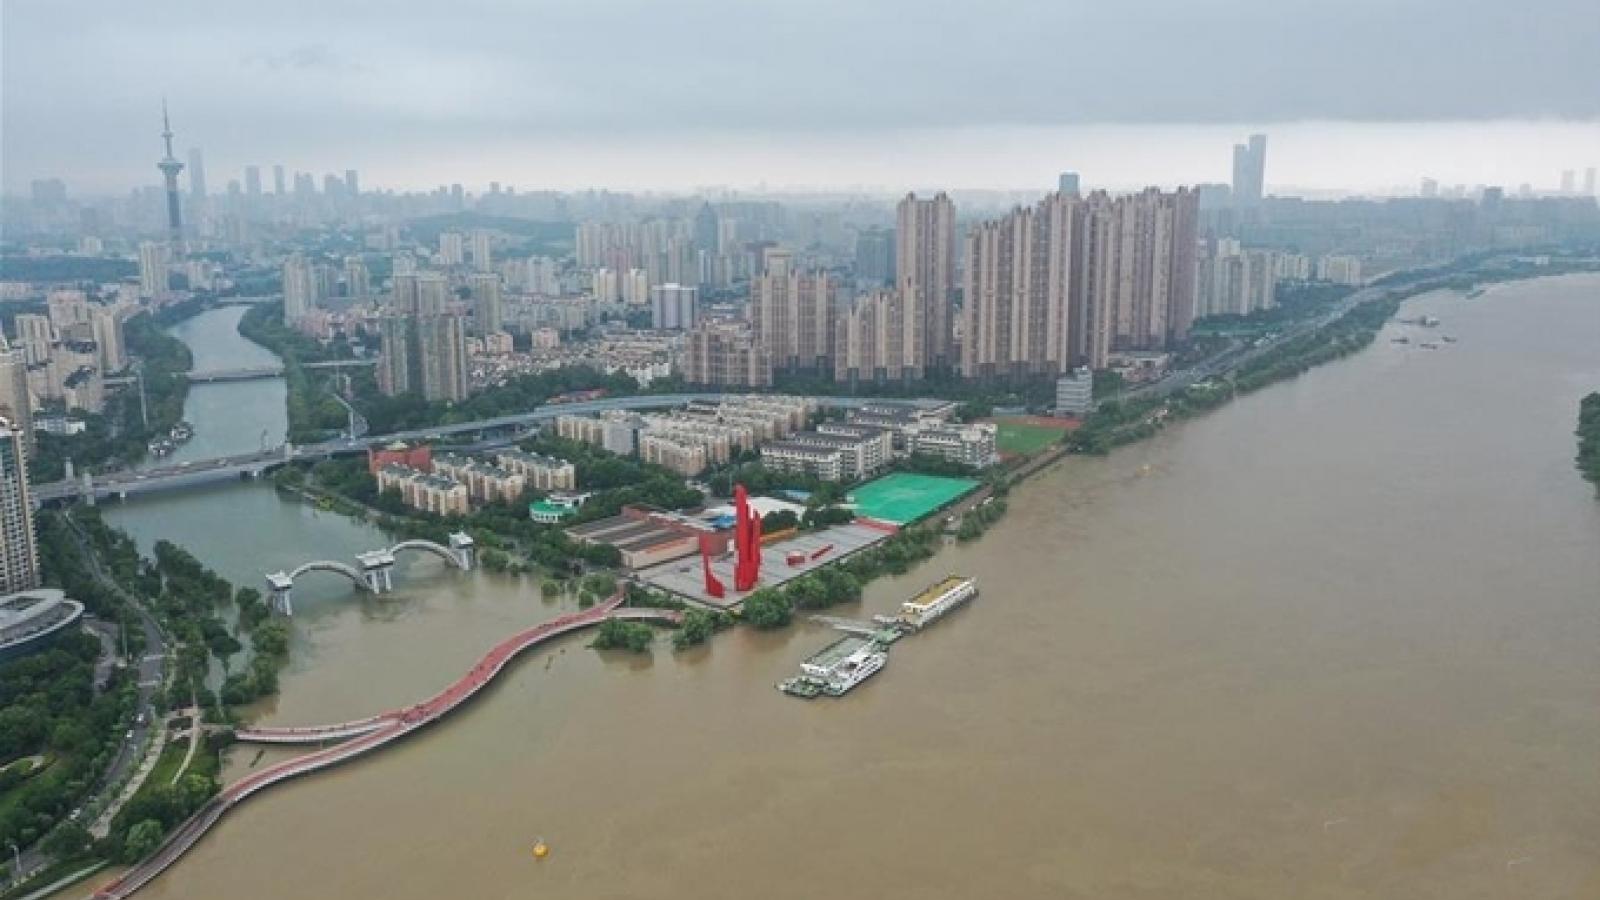 Trung Quốc ban bốcảnh báo vàng về mưa lớn tại khu vực trung và hạ du sông Trường Giang